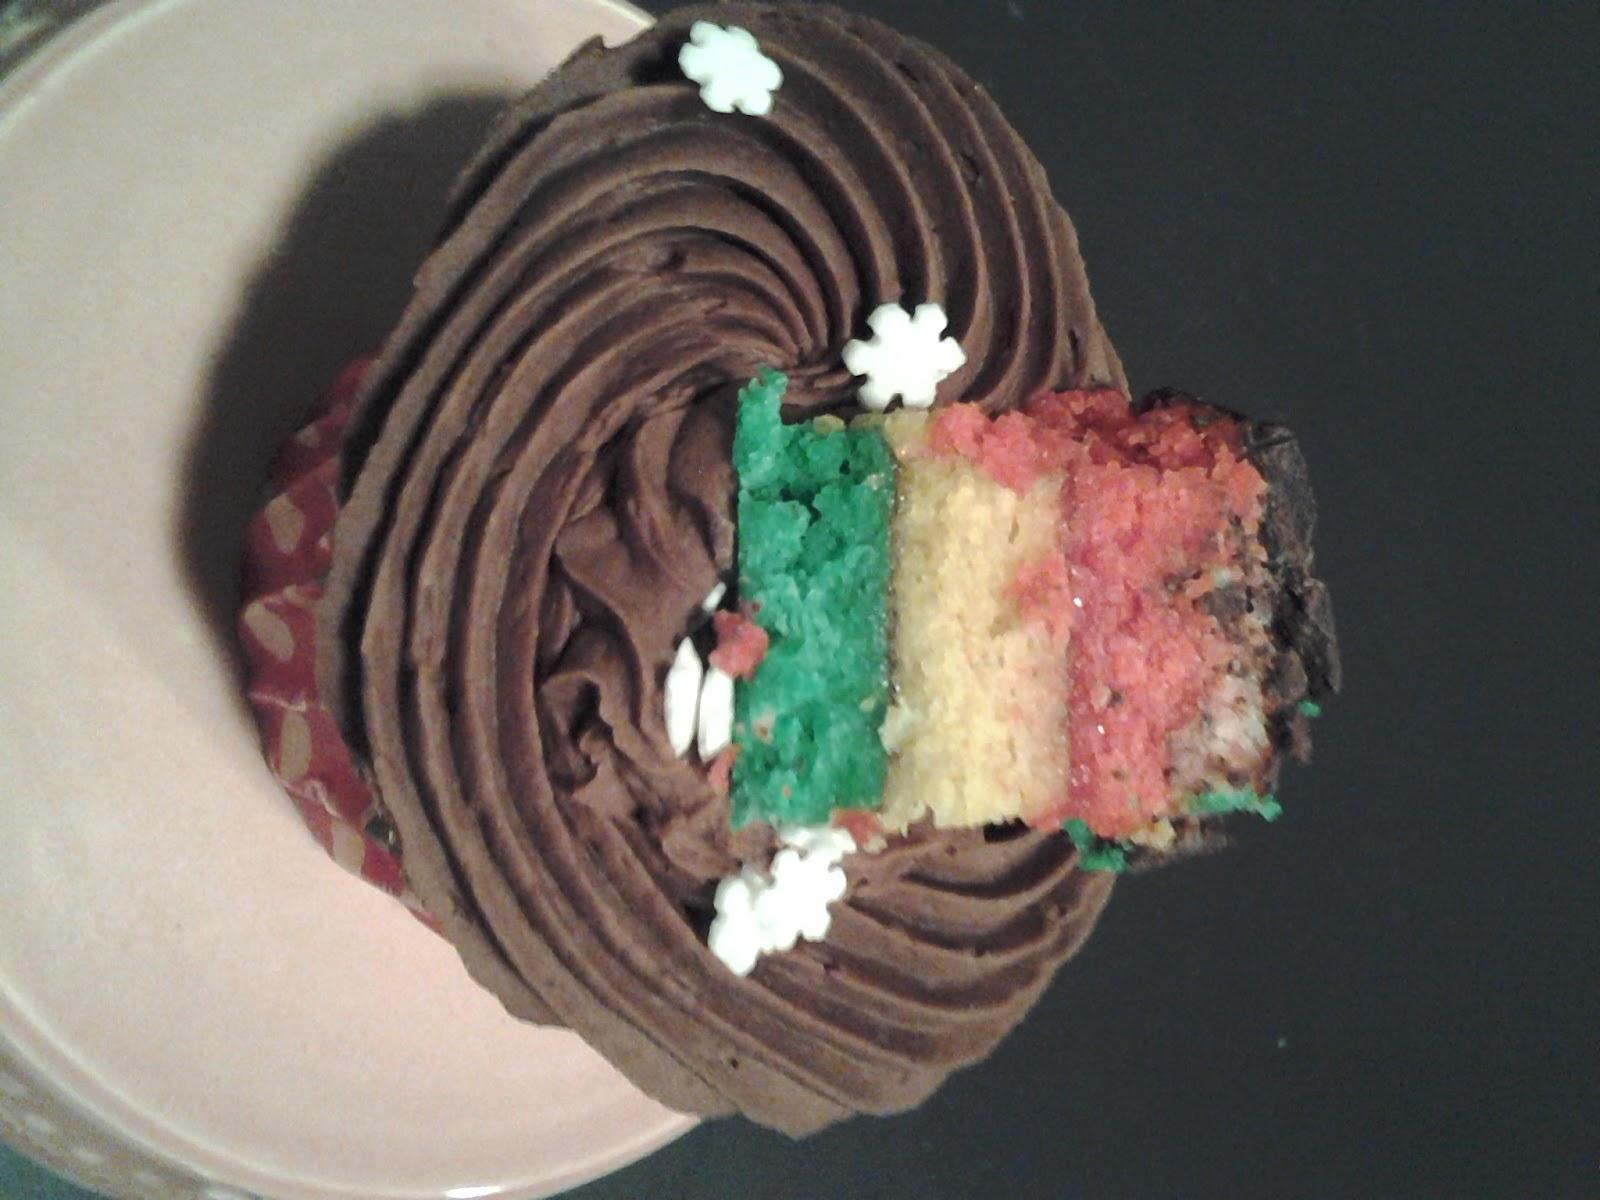 chubby cupcake